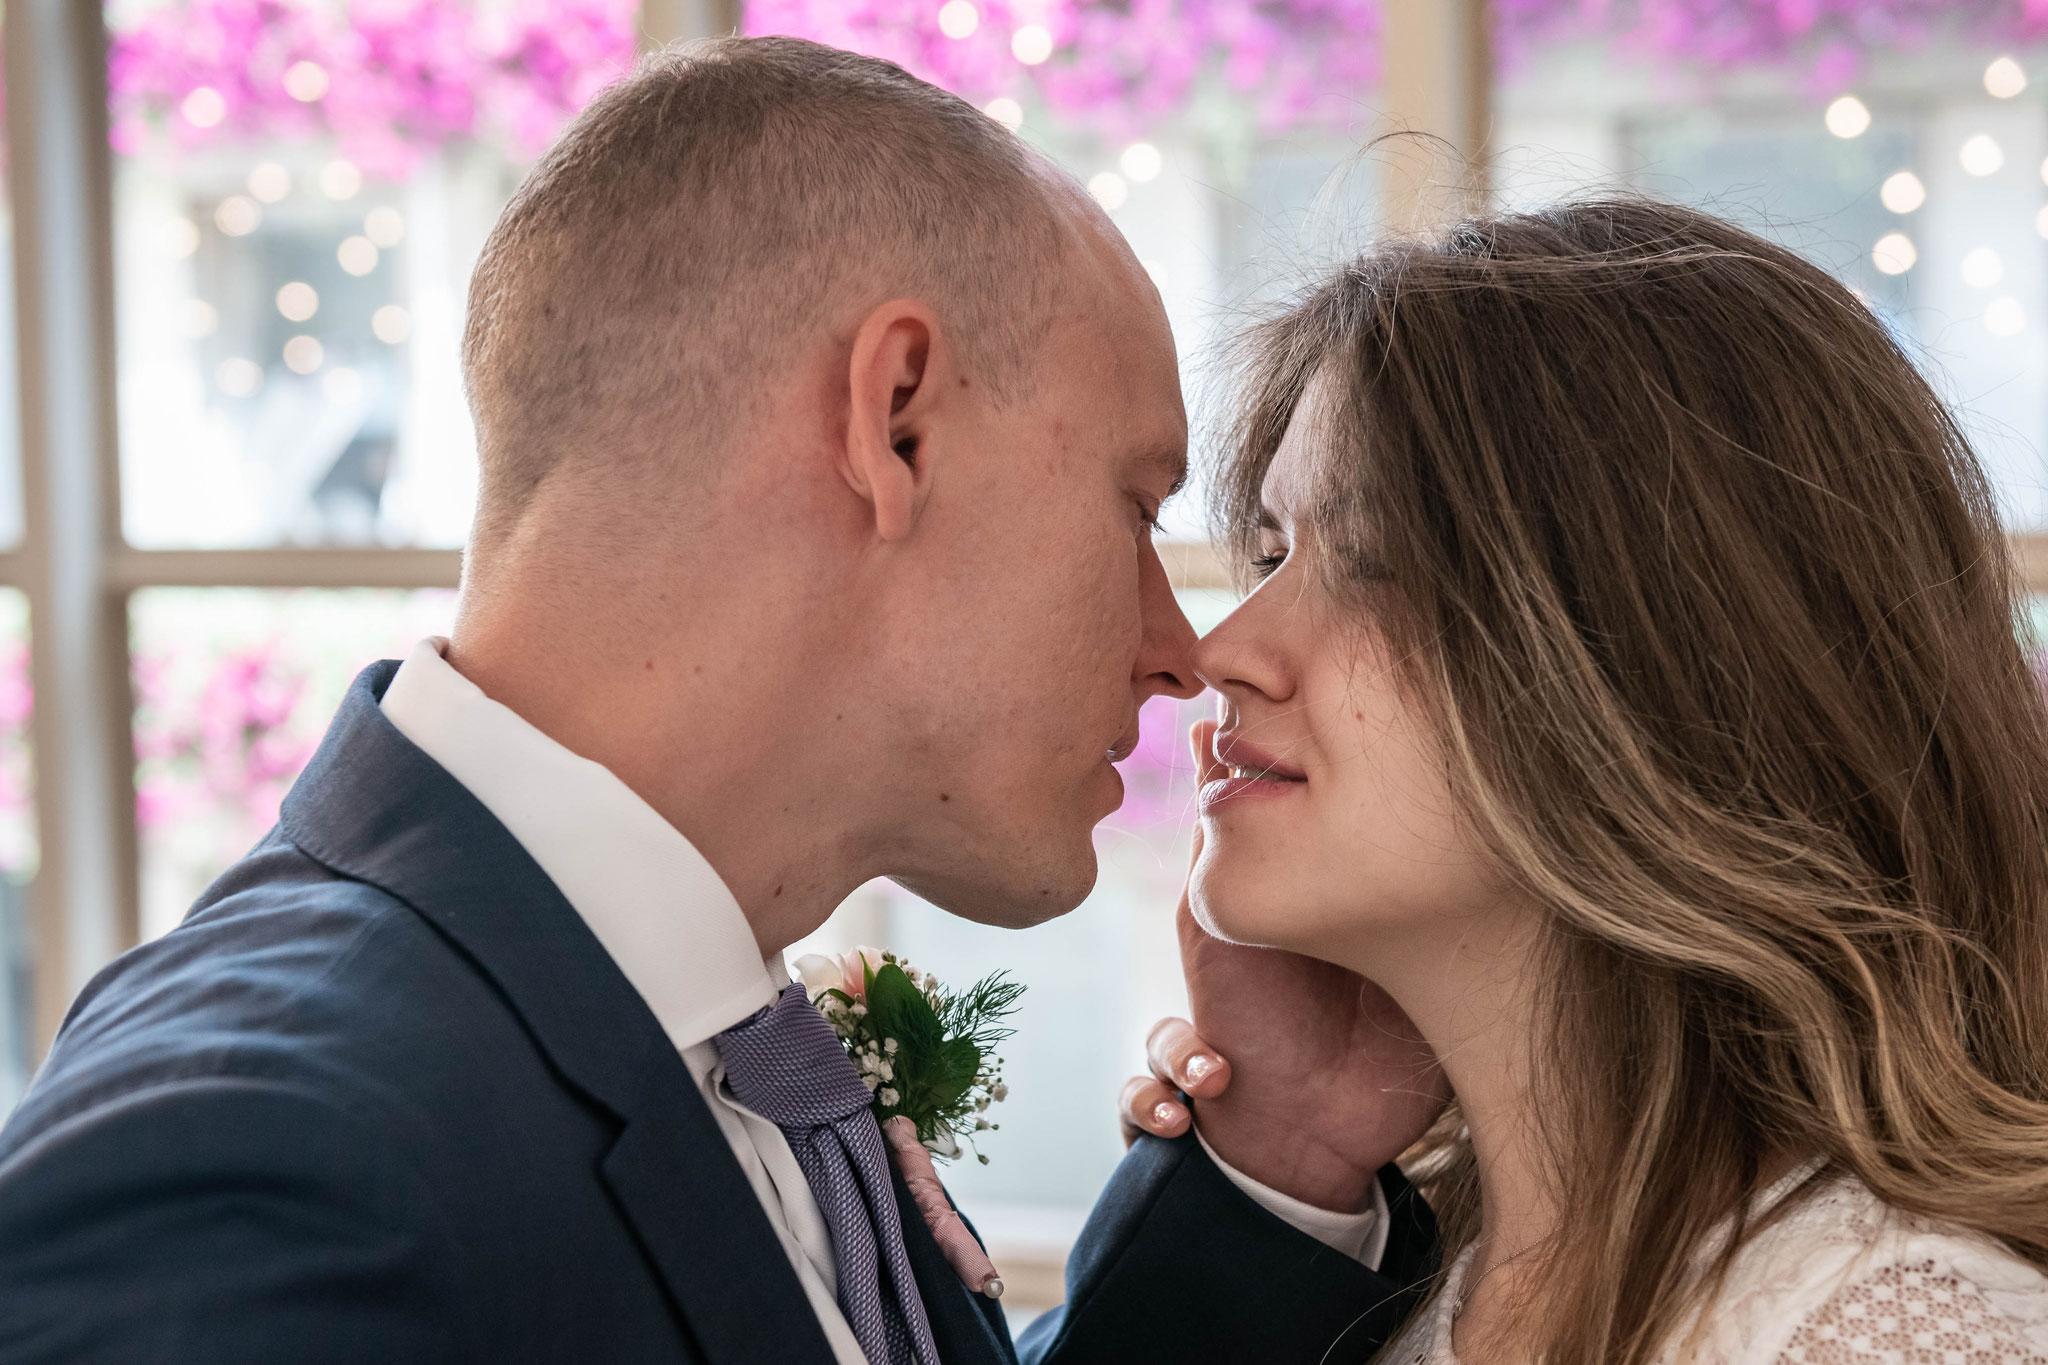 Romantische Aufnahmen der Braut und dem Bräutigam beim Küssen